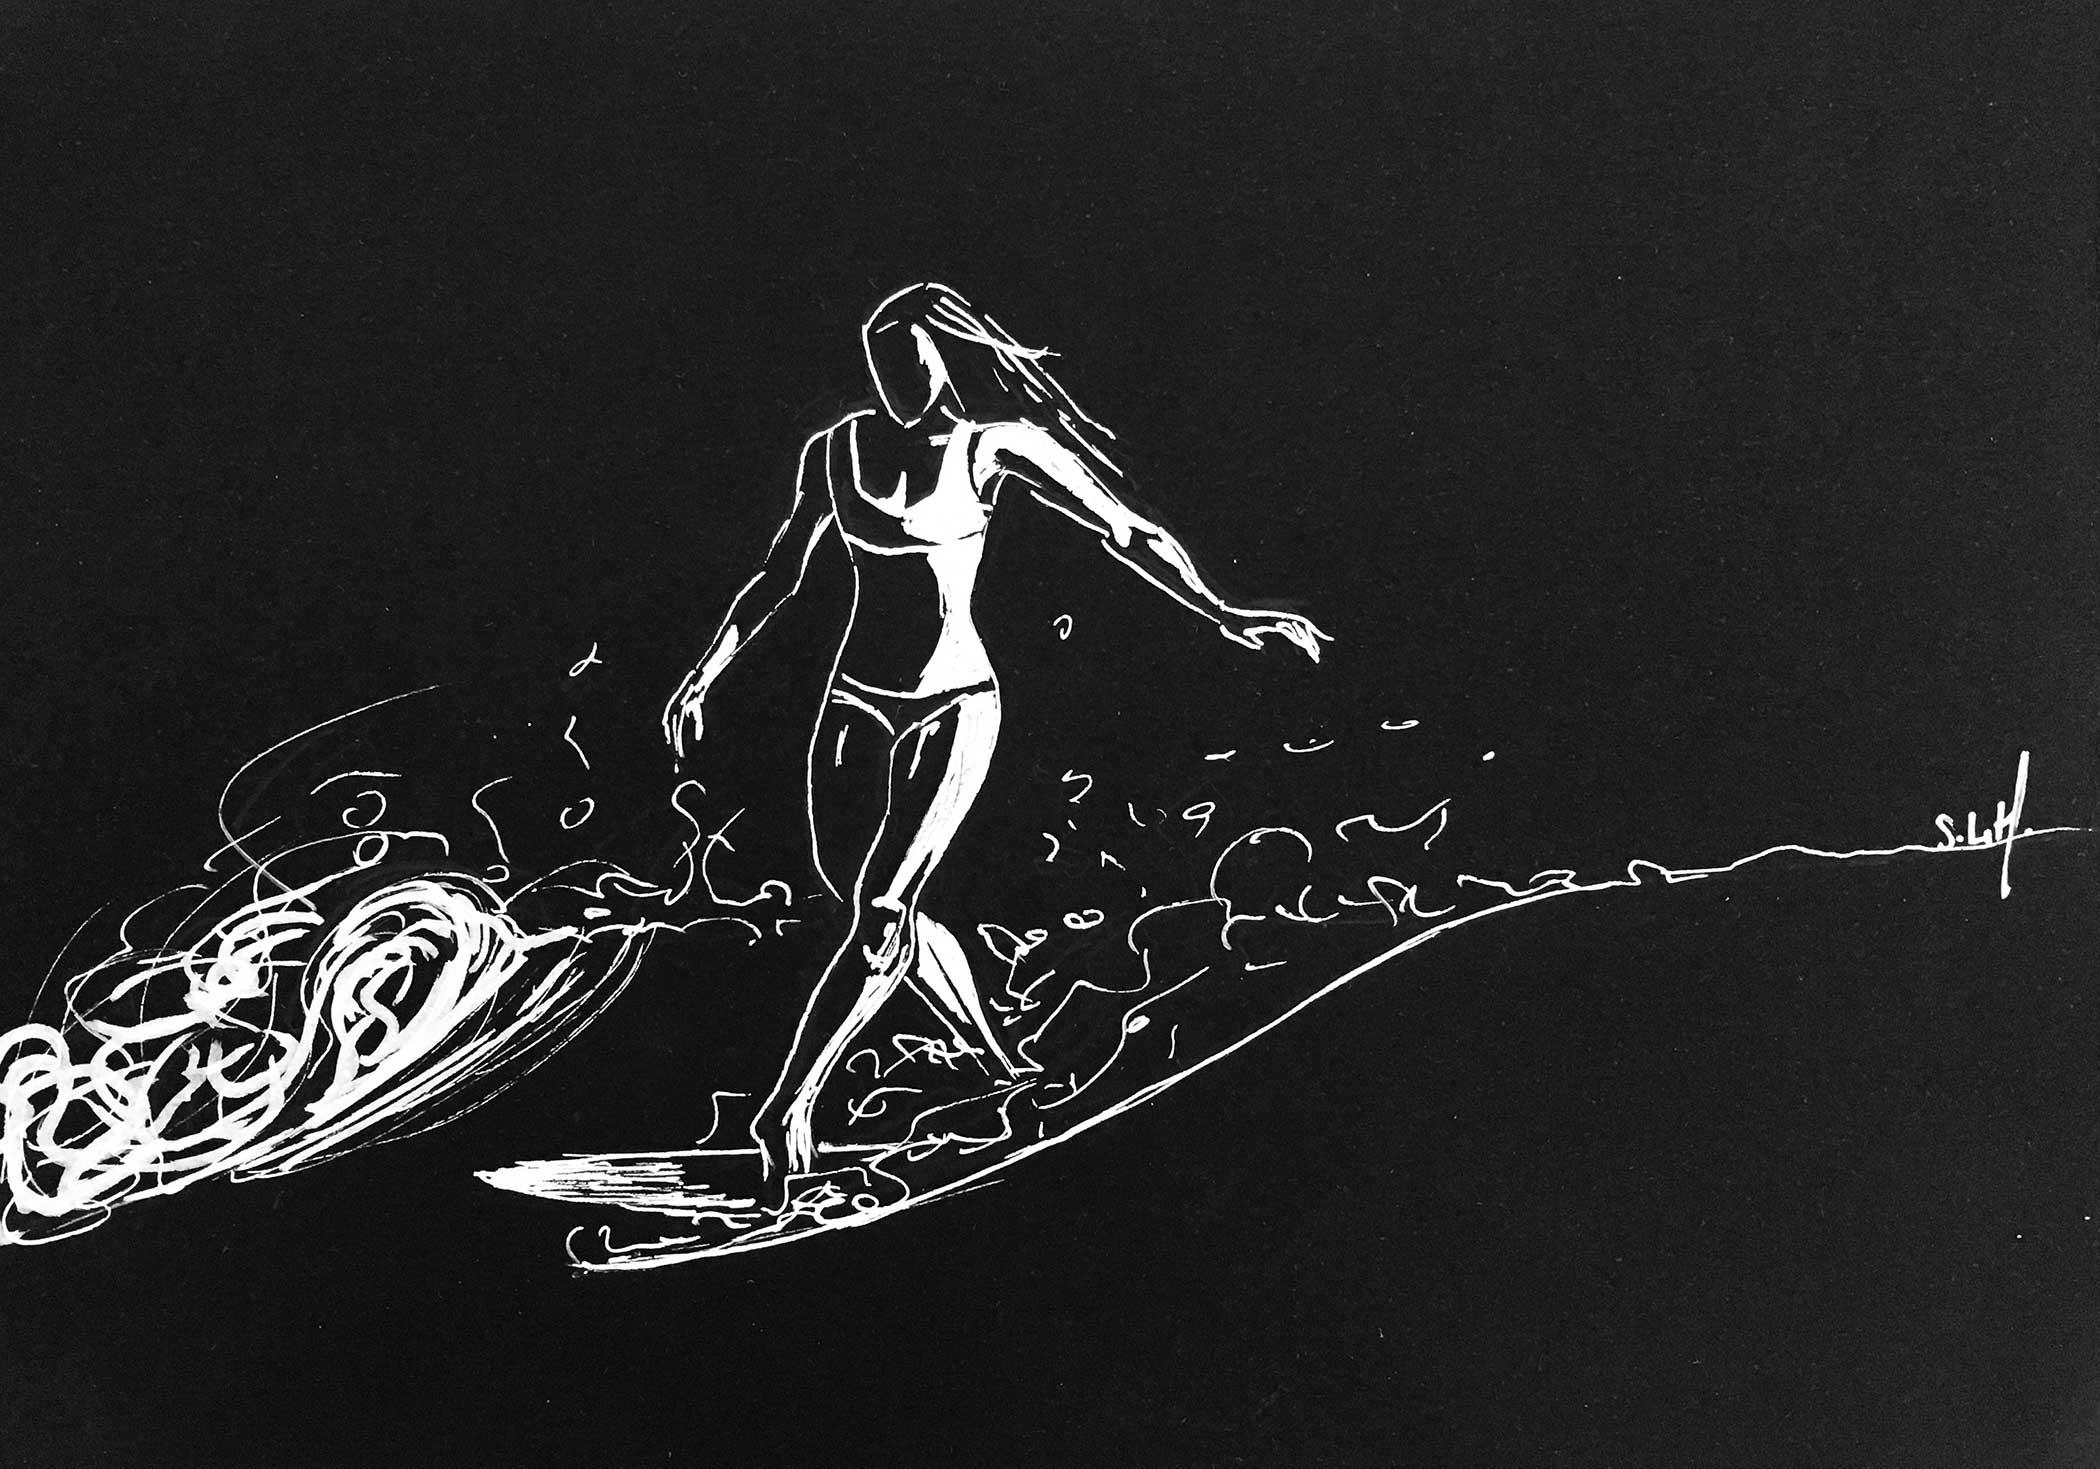 Crayon Posca blanc (peinture acrylique à base d'eau) sur papier noir A4 (24cm x 29,7cm) 2018